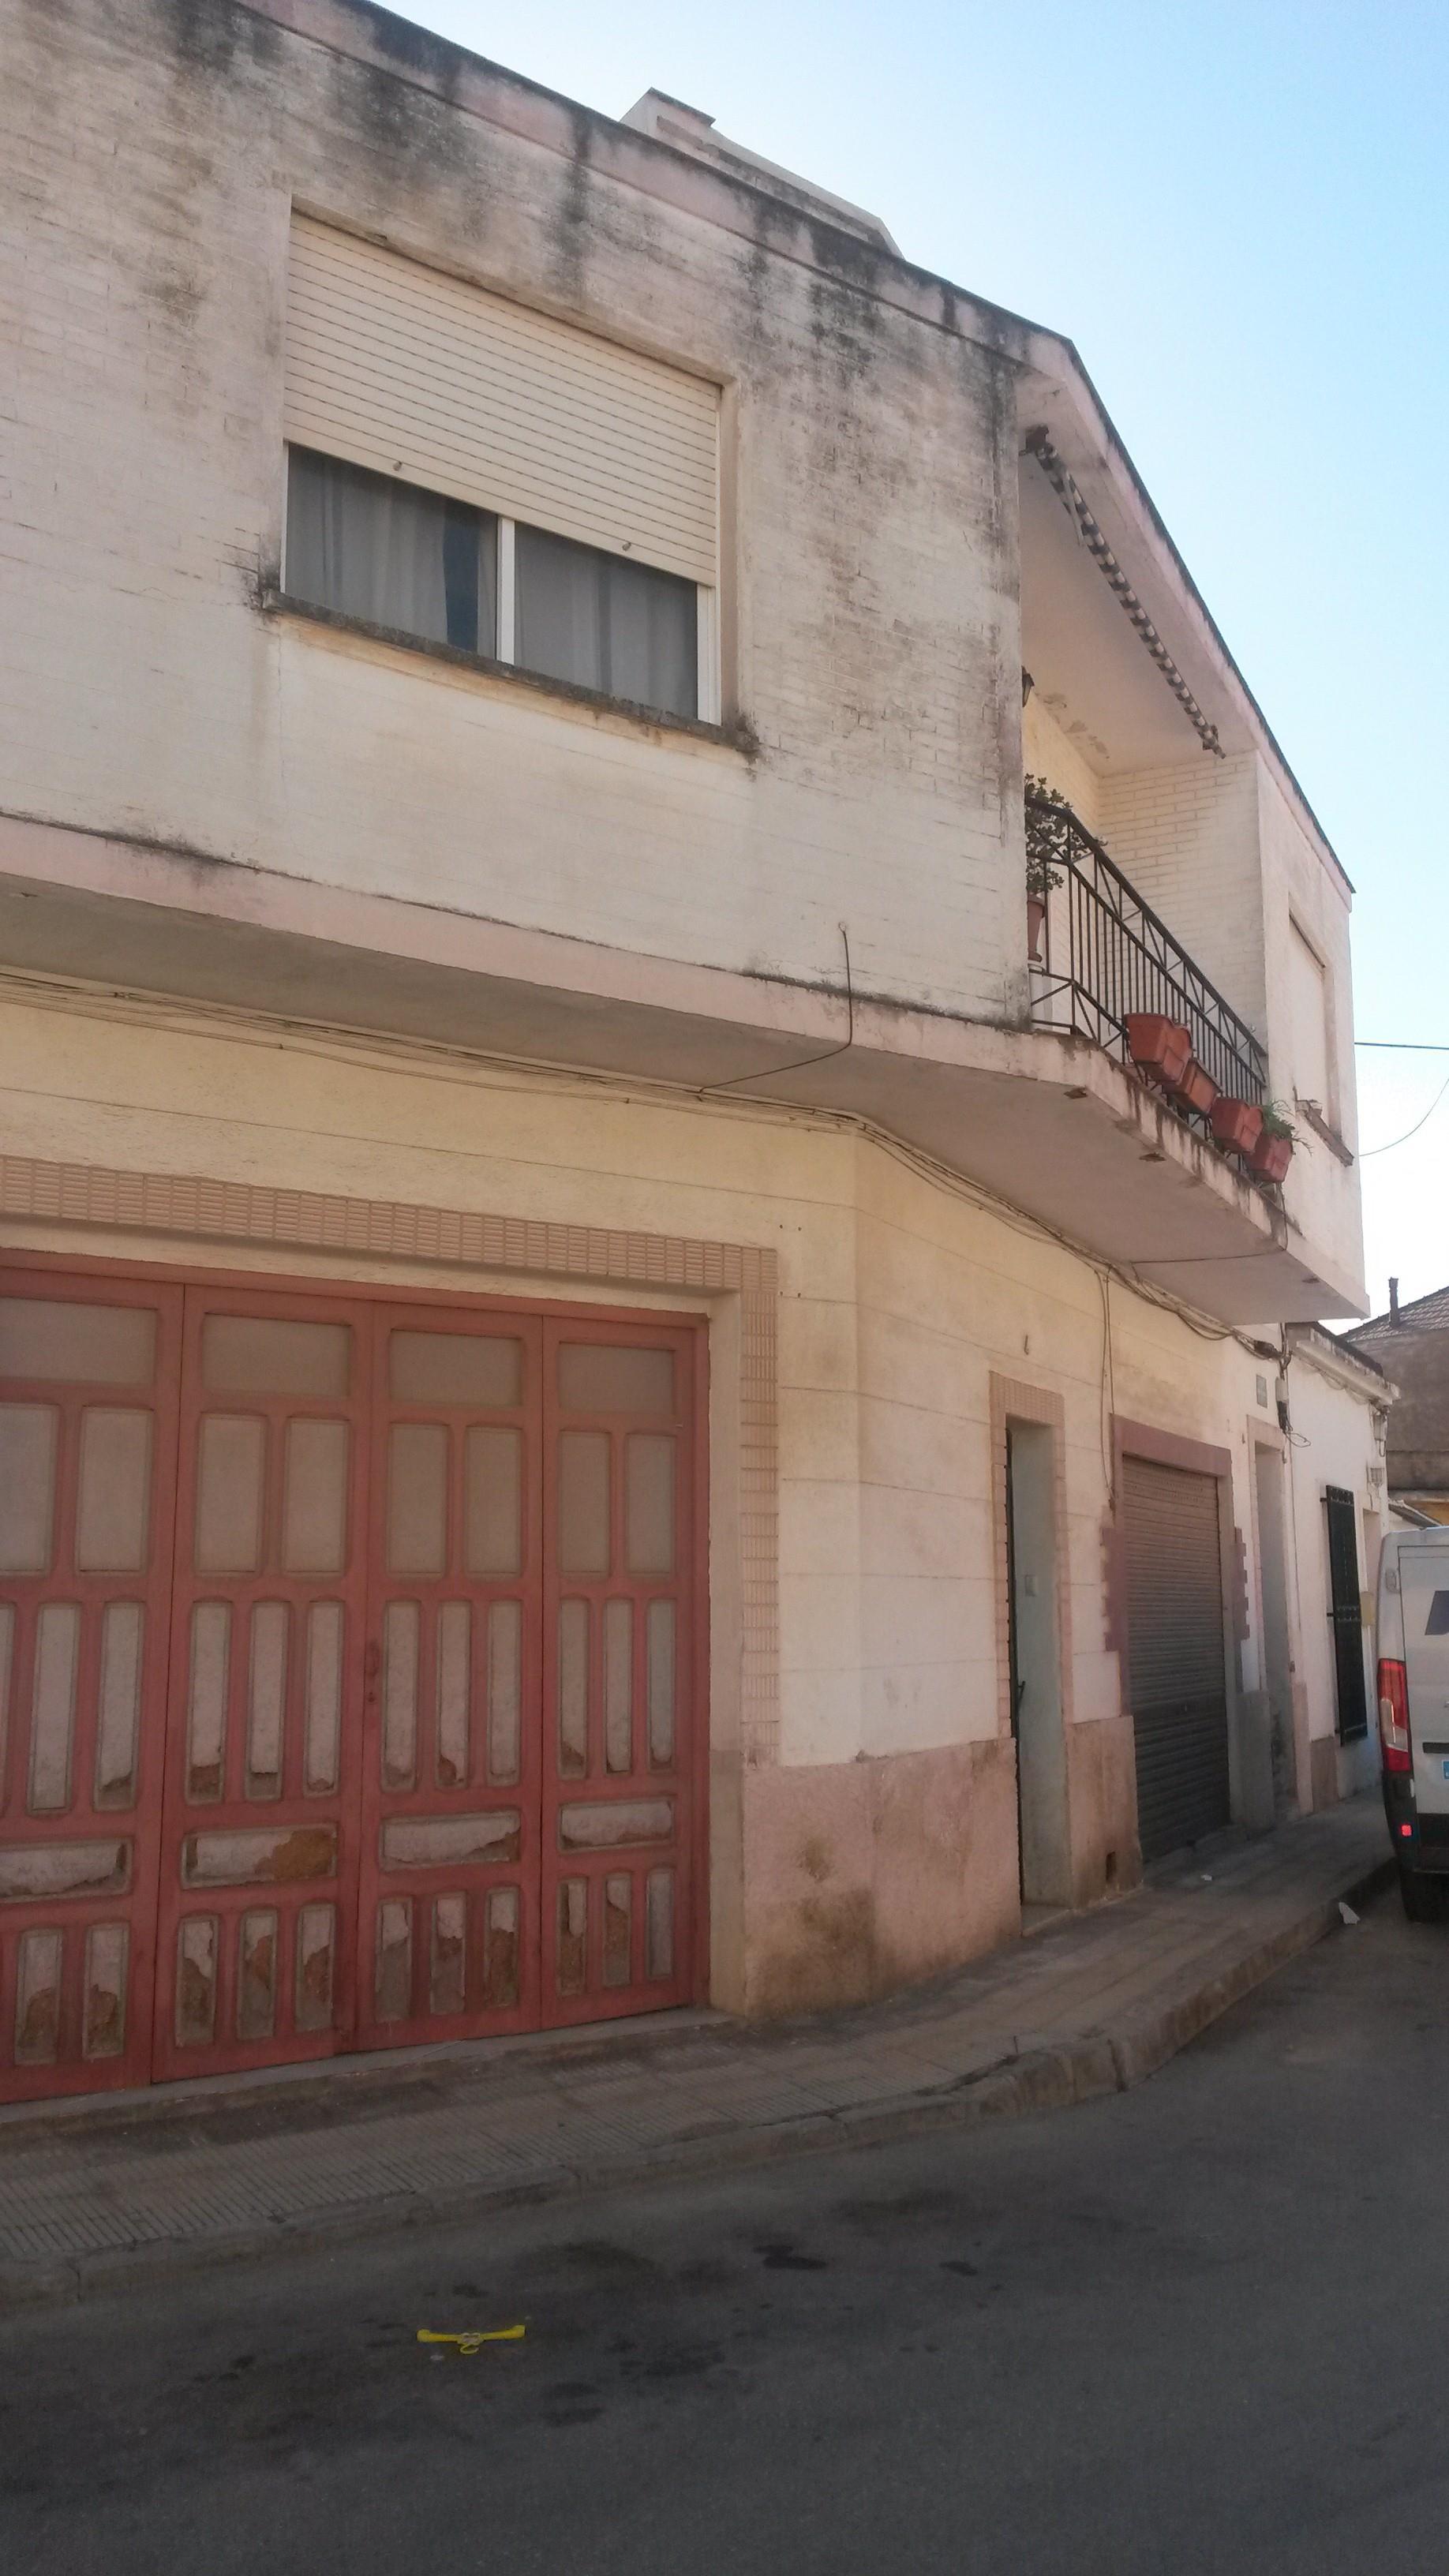 Comprar piso embargado de banco en murcia 70 m2 for Pisos embargados murcia